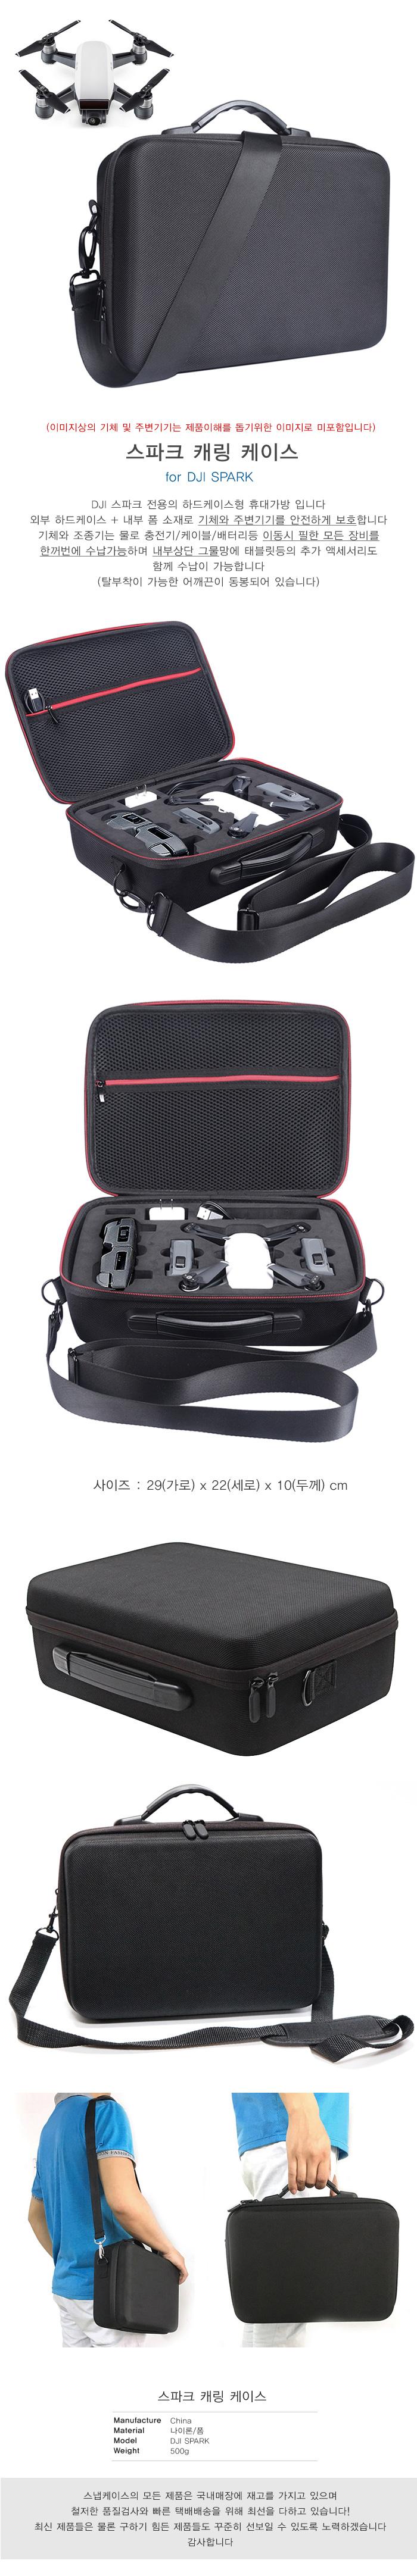 스파크 캐링 케이스 가방 for DJI SPARK - 스냅케이스, 23,000원, R/C 드론/쿼드콥터, 드론